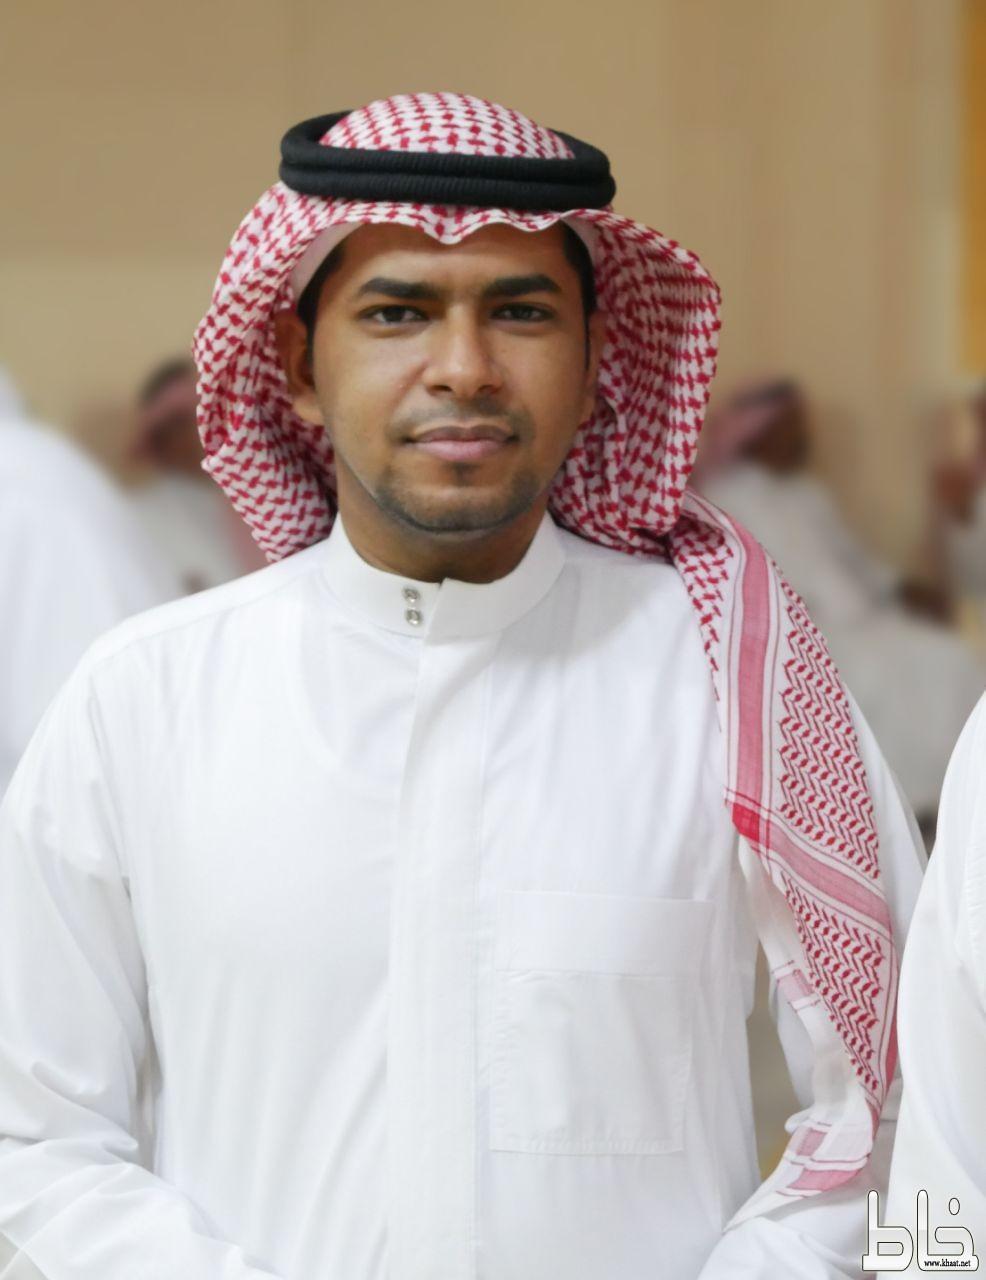 احمد علي الشرفي يحتفل بقرانه